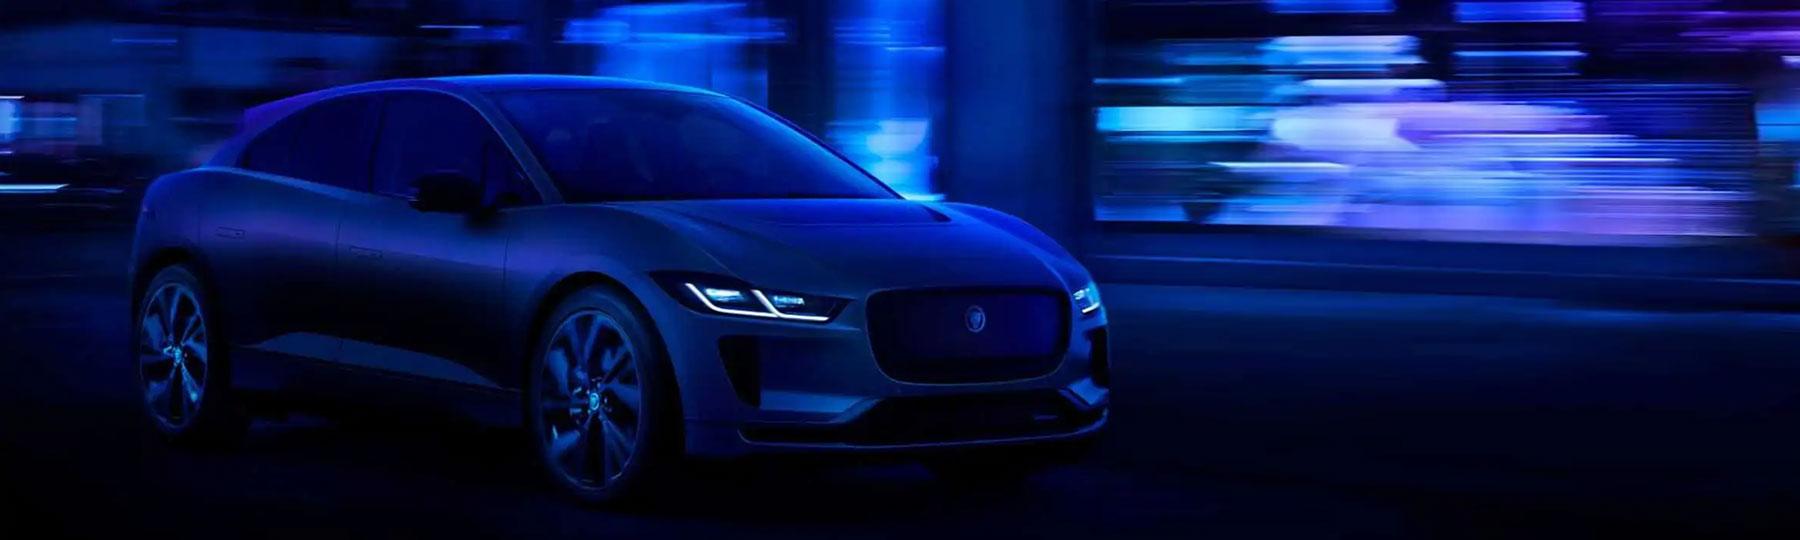 Jaguar I-PACE Business Offer